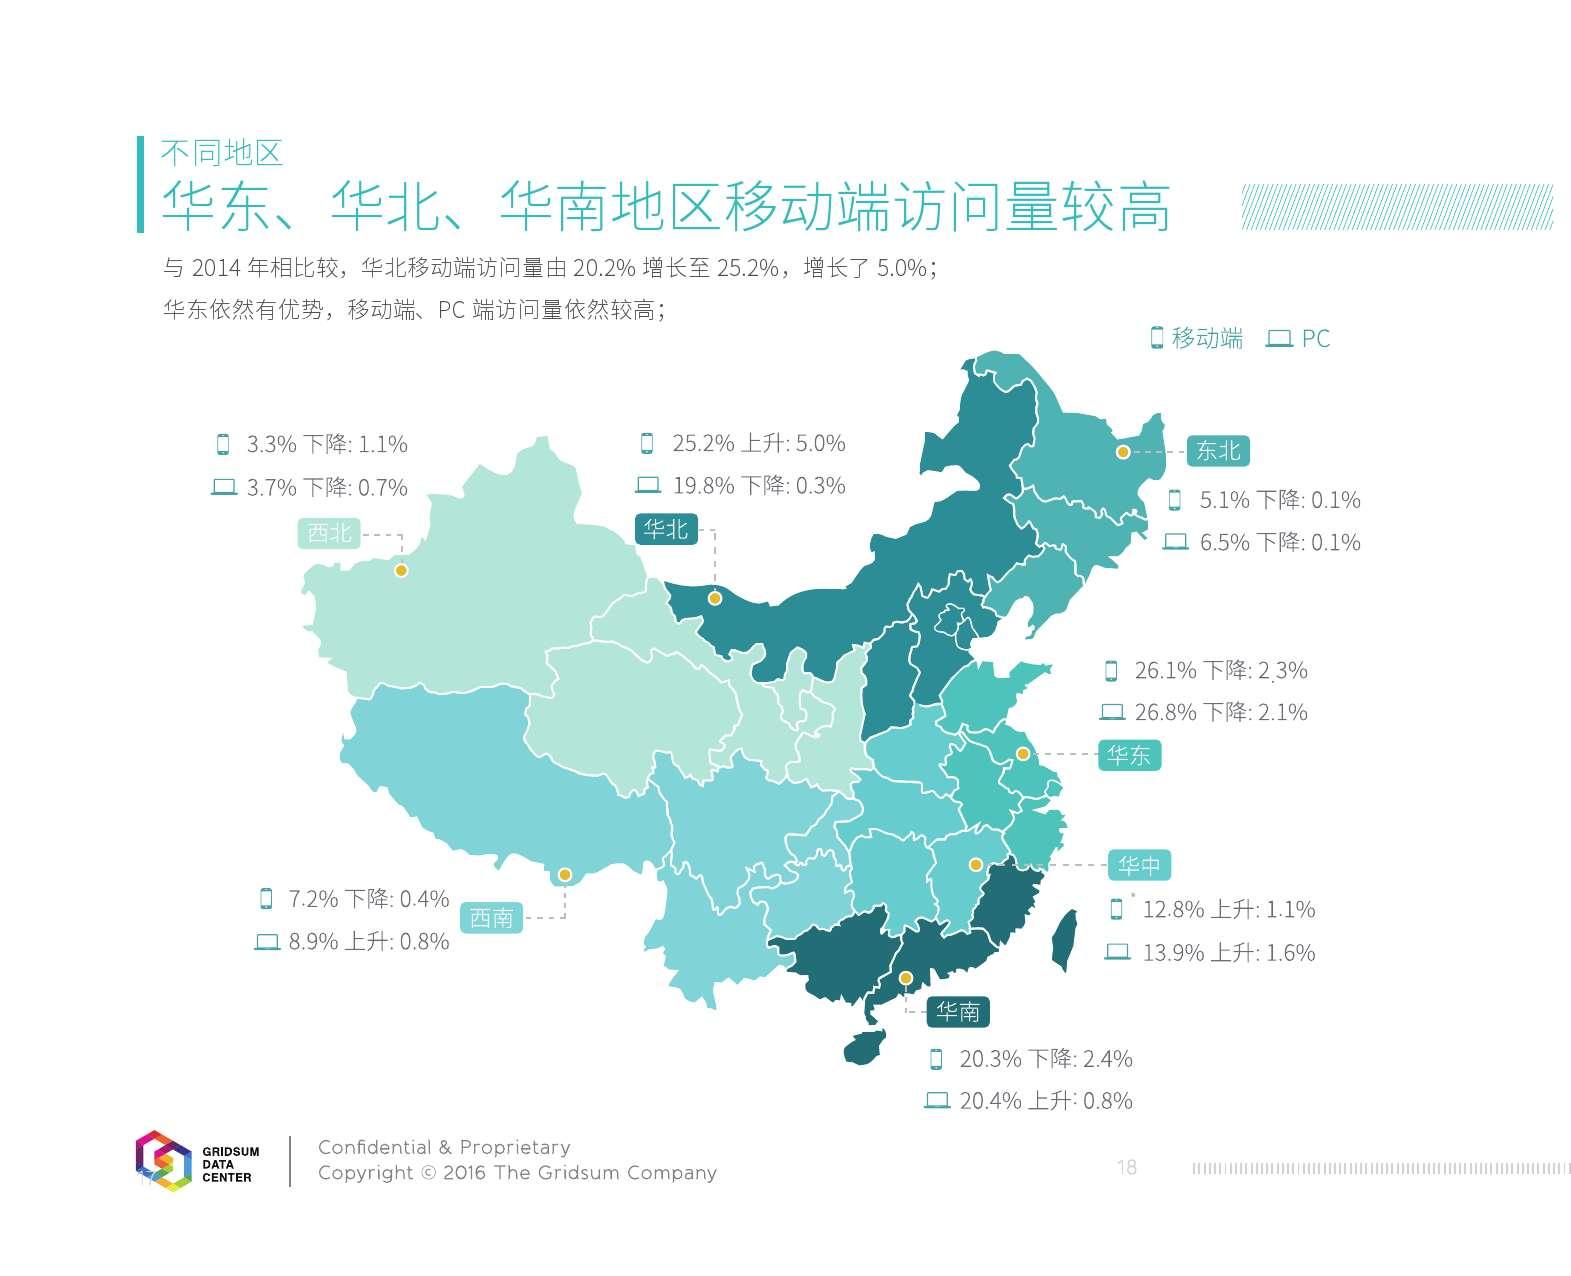 2015中国互联网发展报告_000020